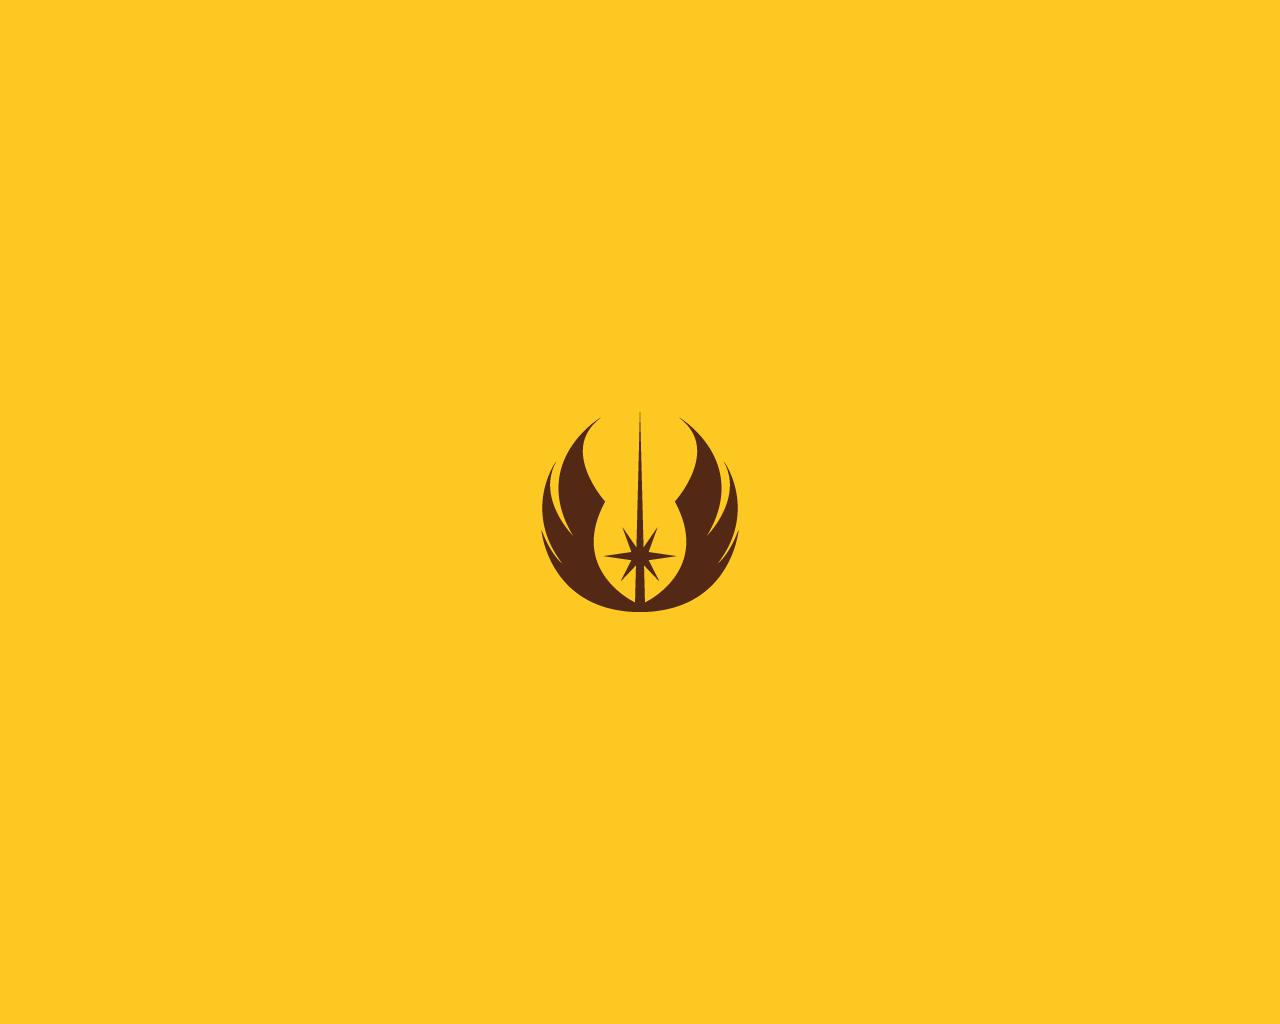 Minimalist Star Wars Wallpaper Jedi Emblem By Diros On Deviantart